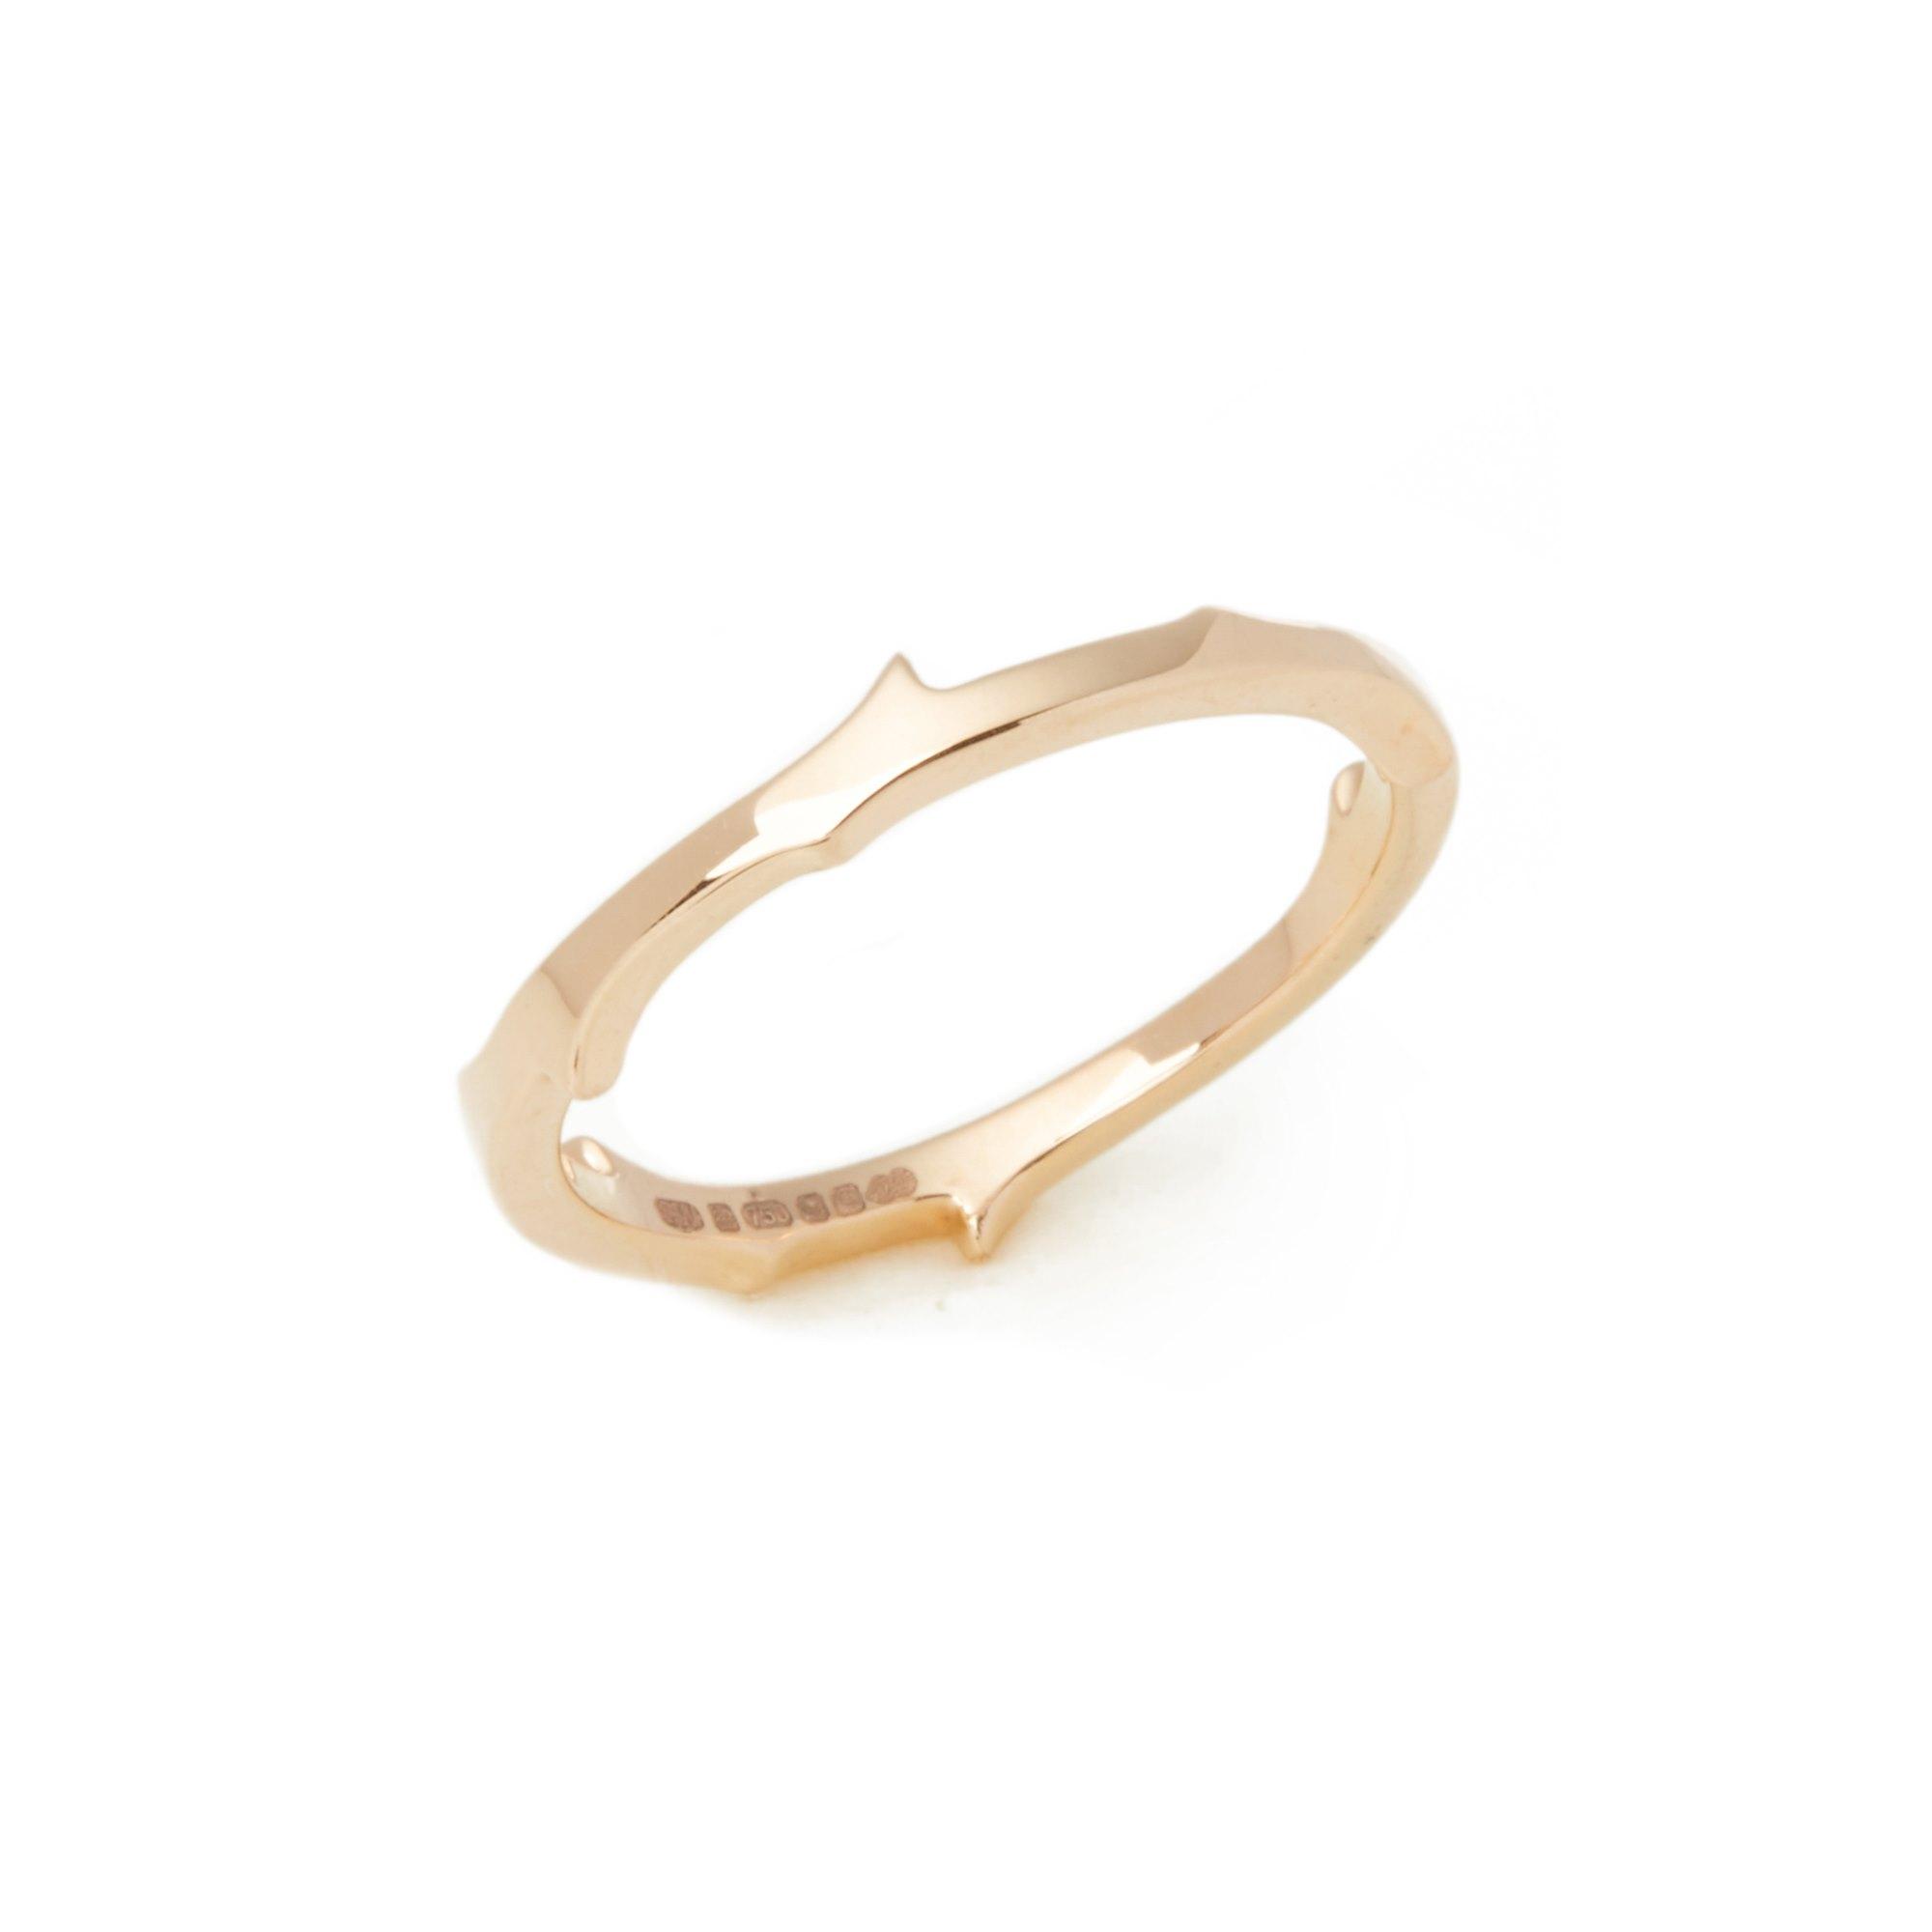 Stephen Webster 18k Rose Gold Thorn Ring